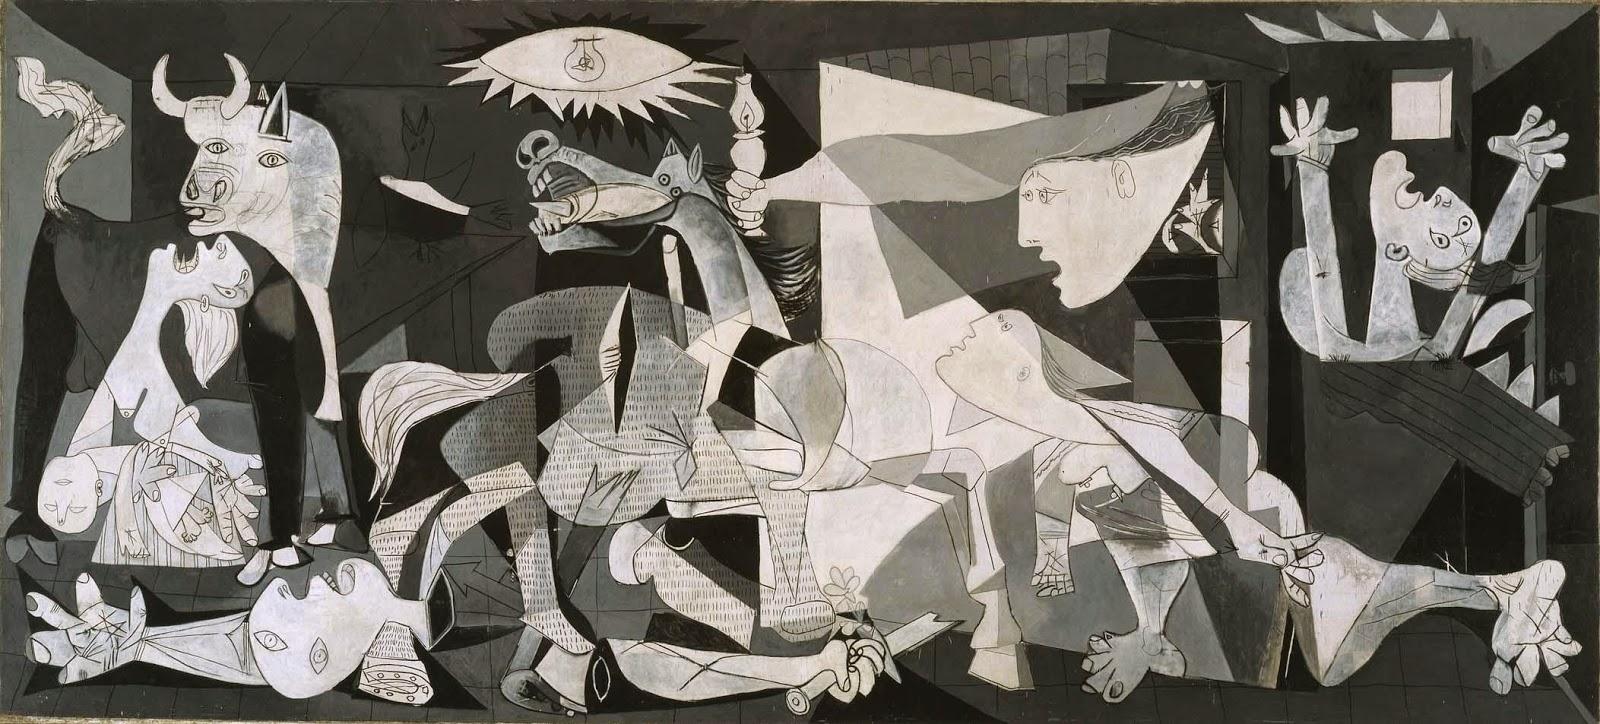 Guernica - Picasso e suas pinturas ~ O maior expoente da Arte Moderna